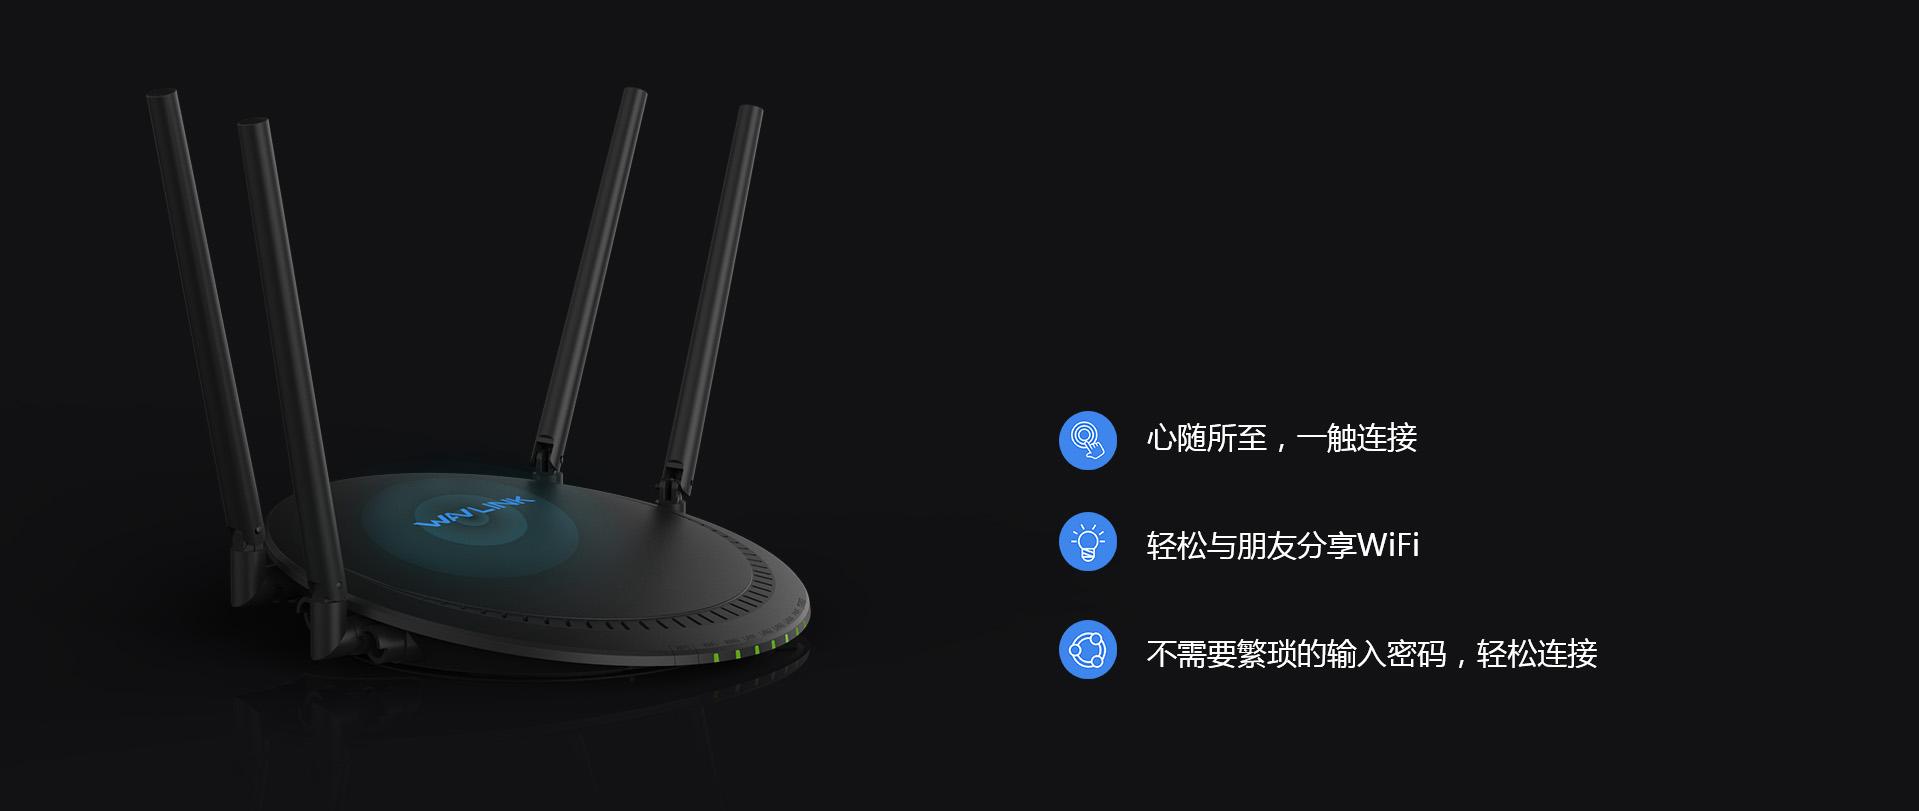 Touchlink系列路由器,轻轻一触,免密码连接到现有wifi